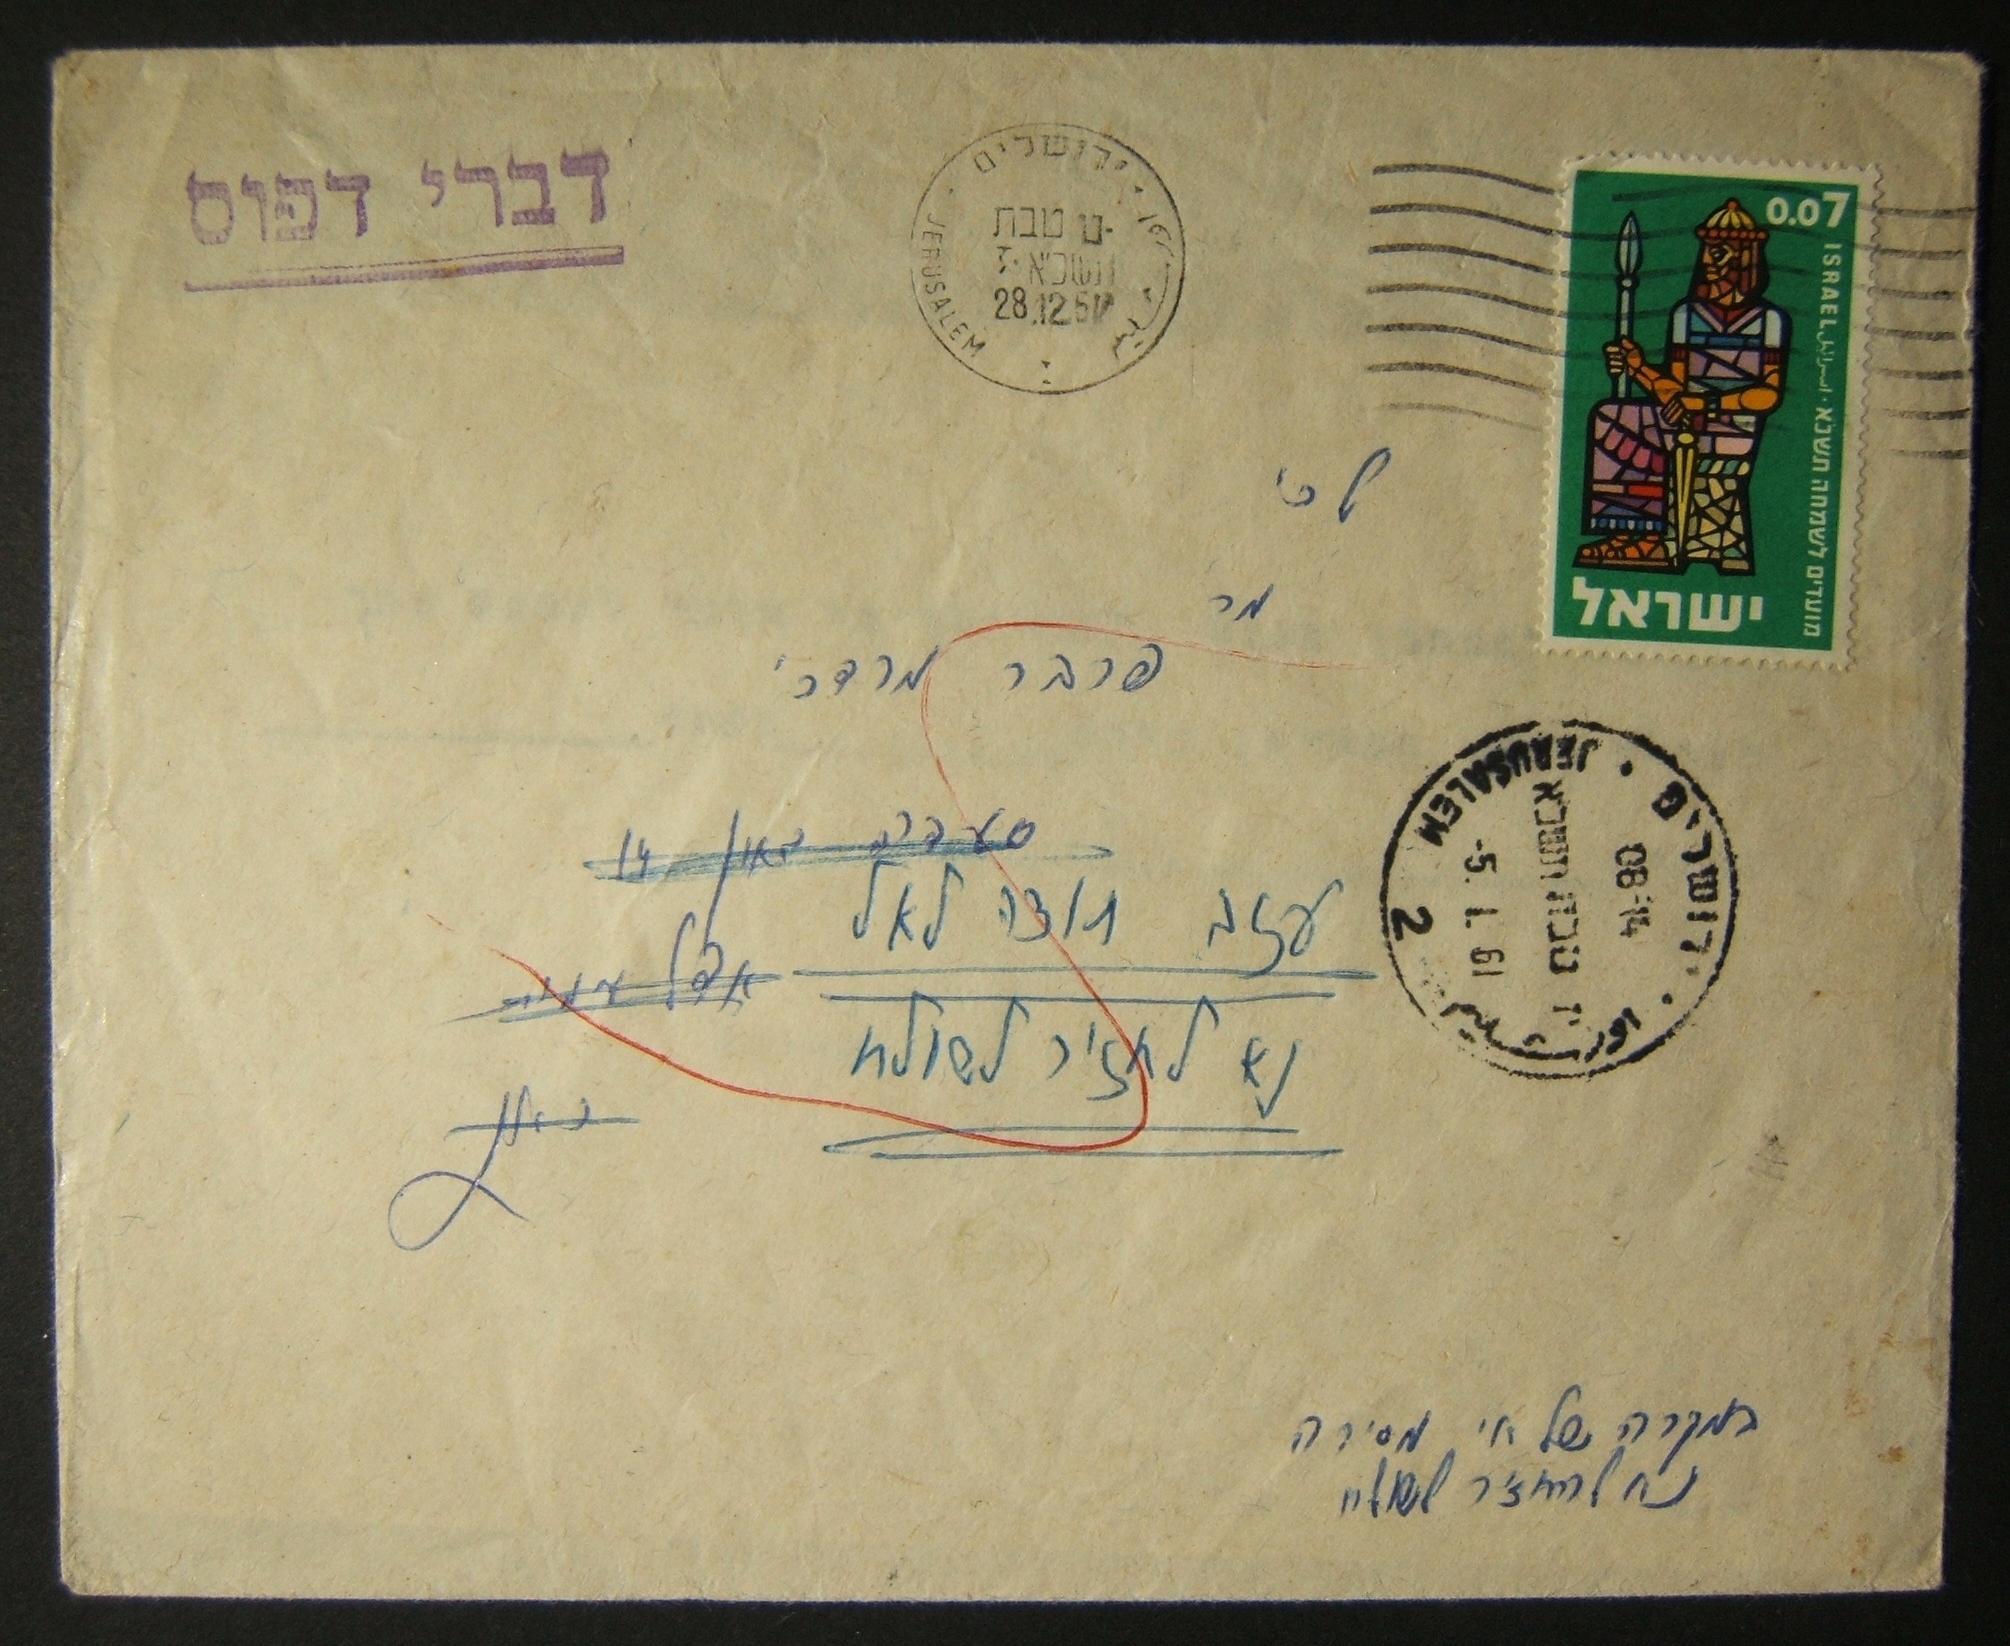 1961 ירושלים מודפסת בדואר במס על שירות חוזר המבוקש - במחיר מכתבים